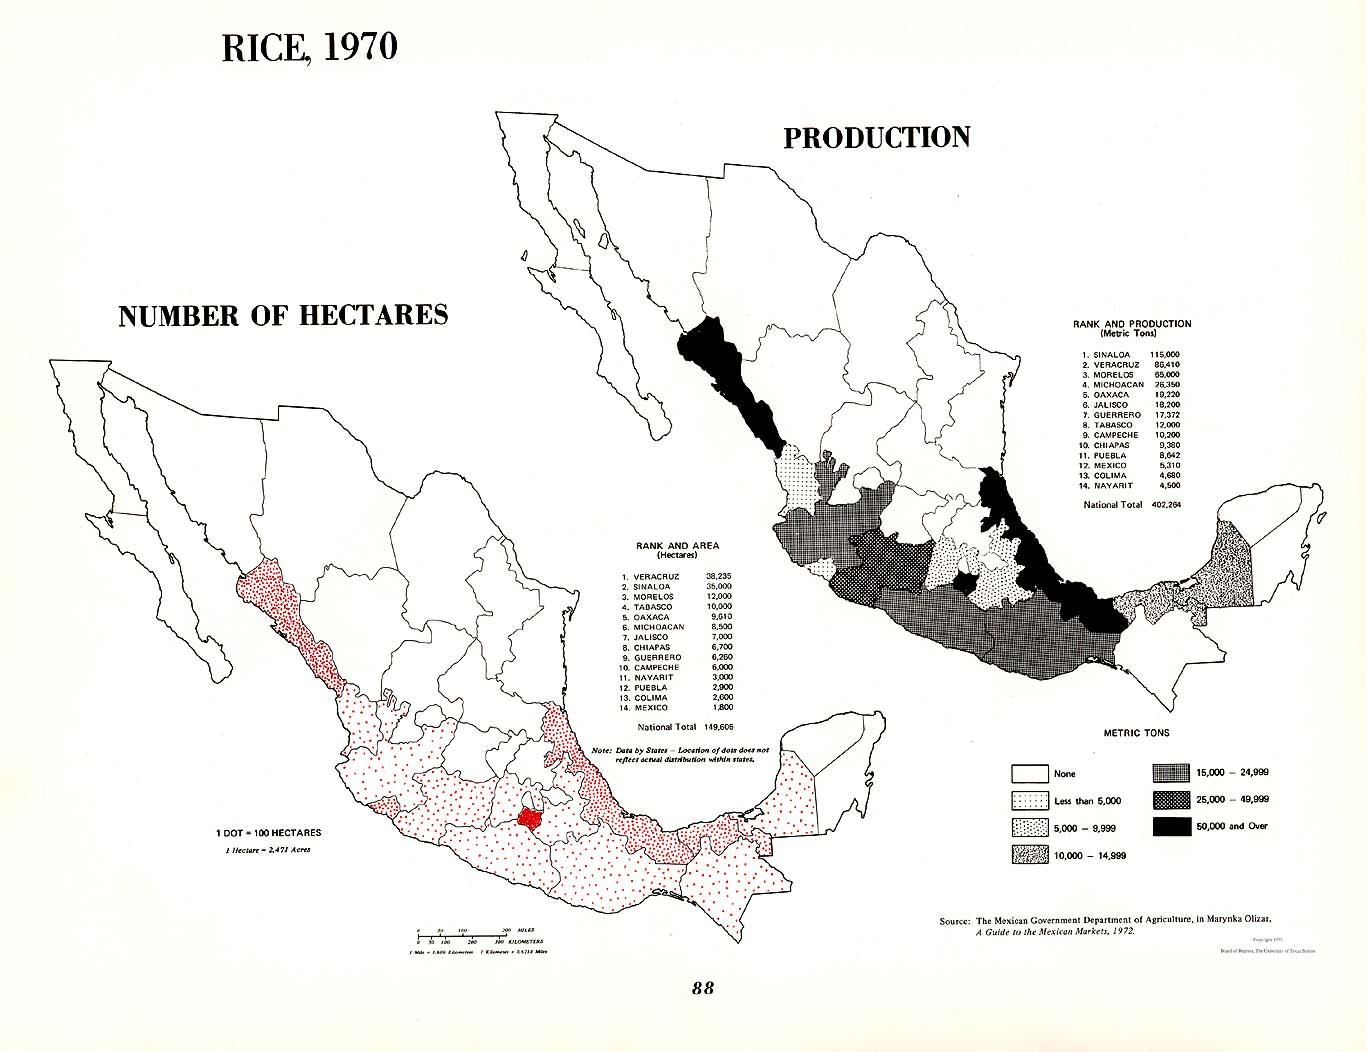 Mapa de Producción de Arroz en México 1970